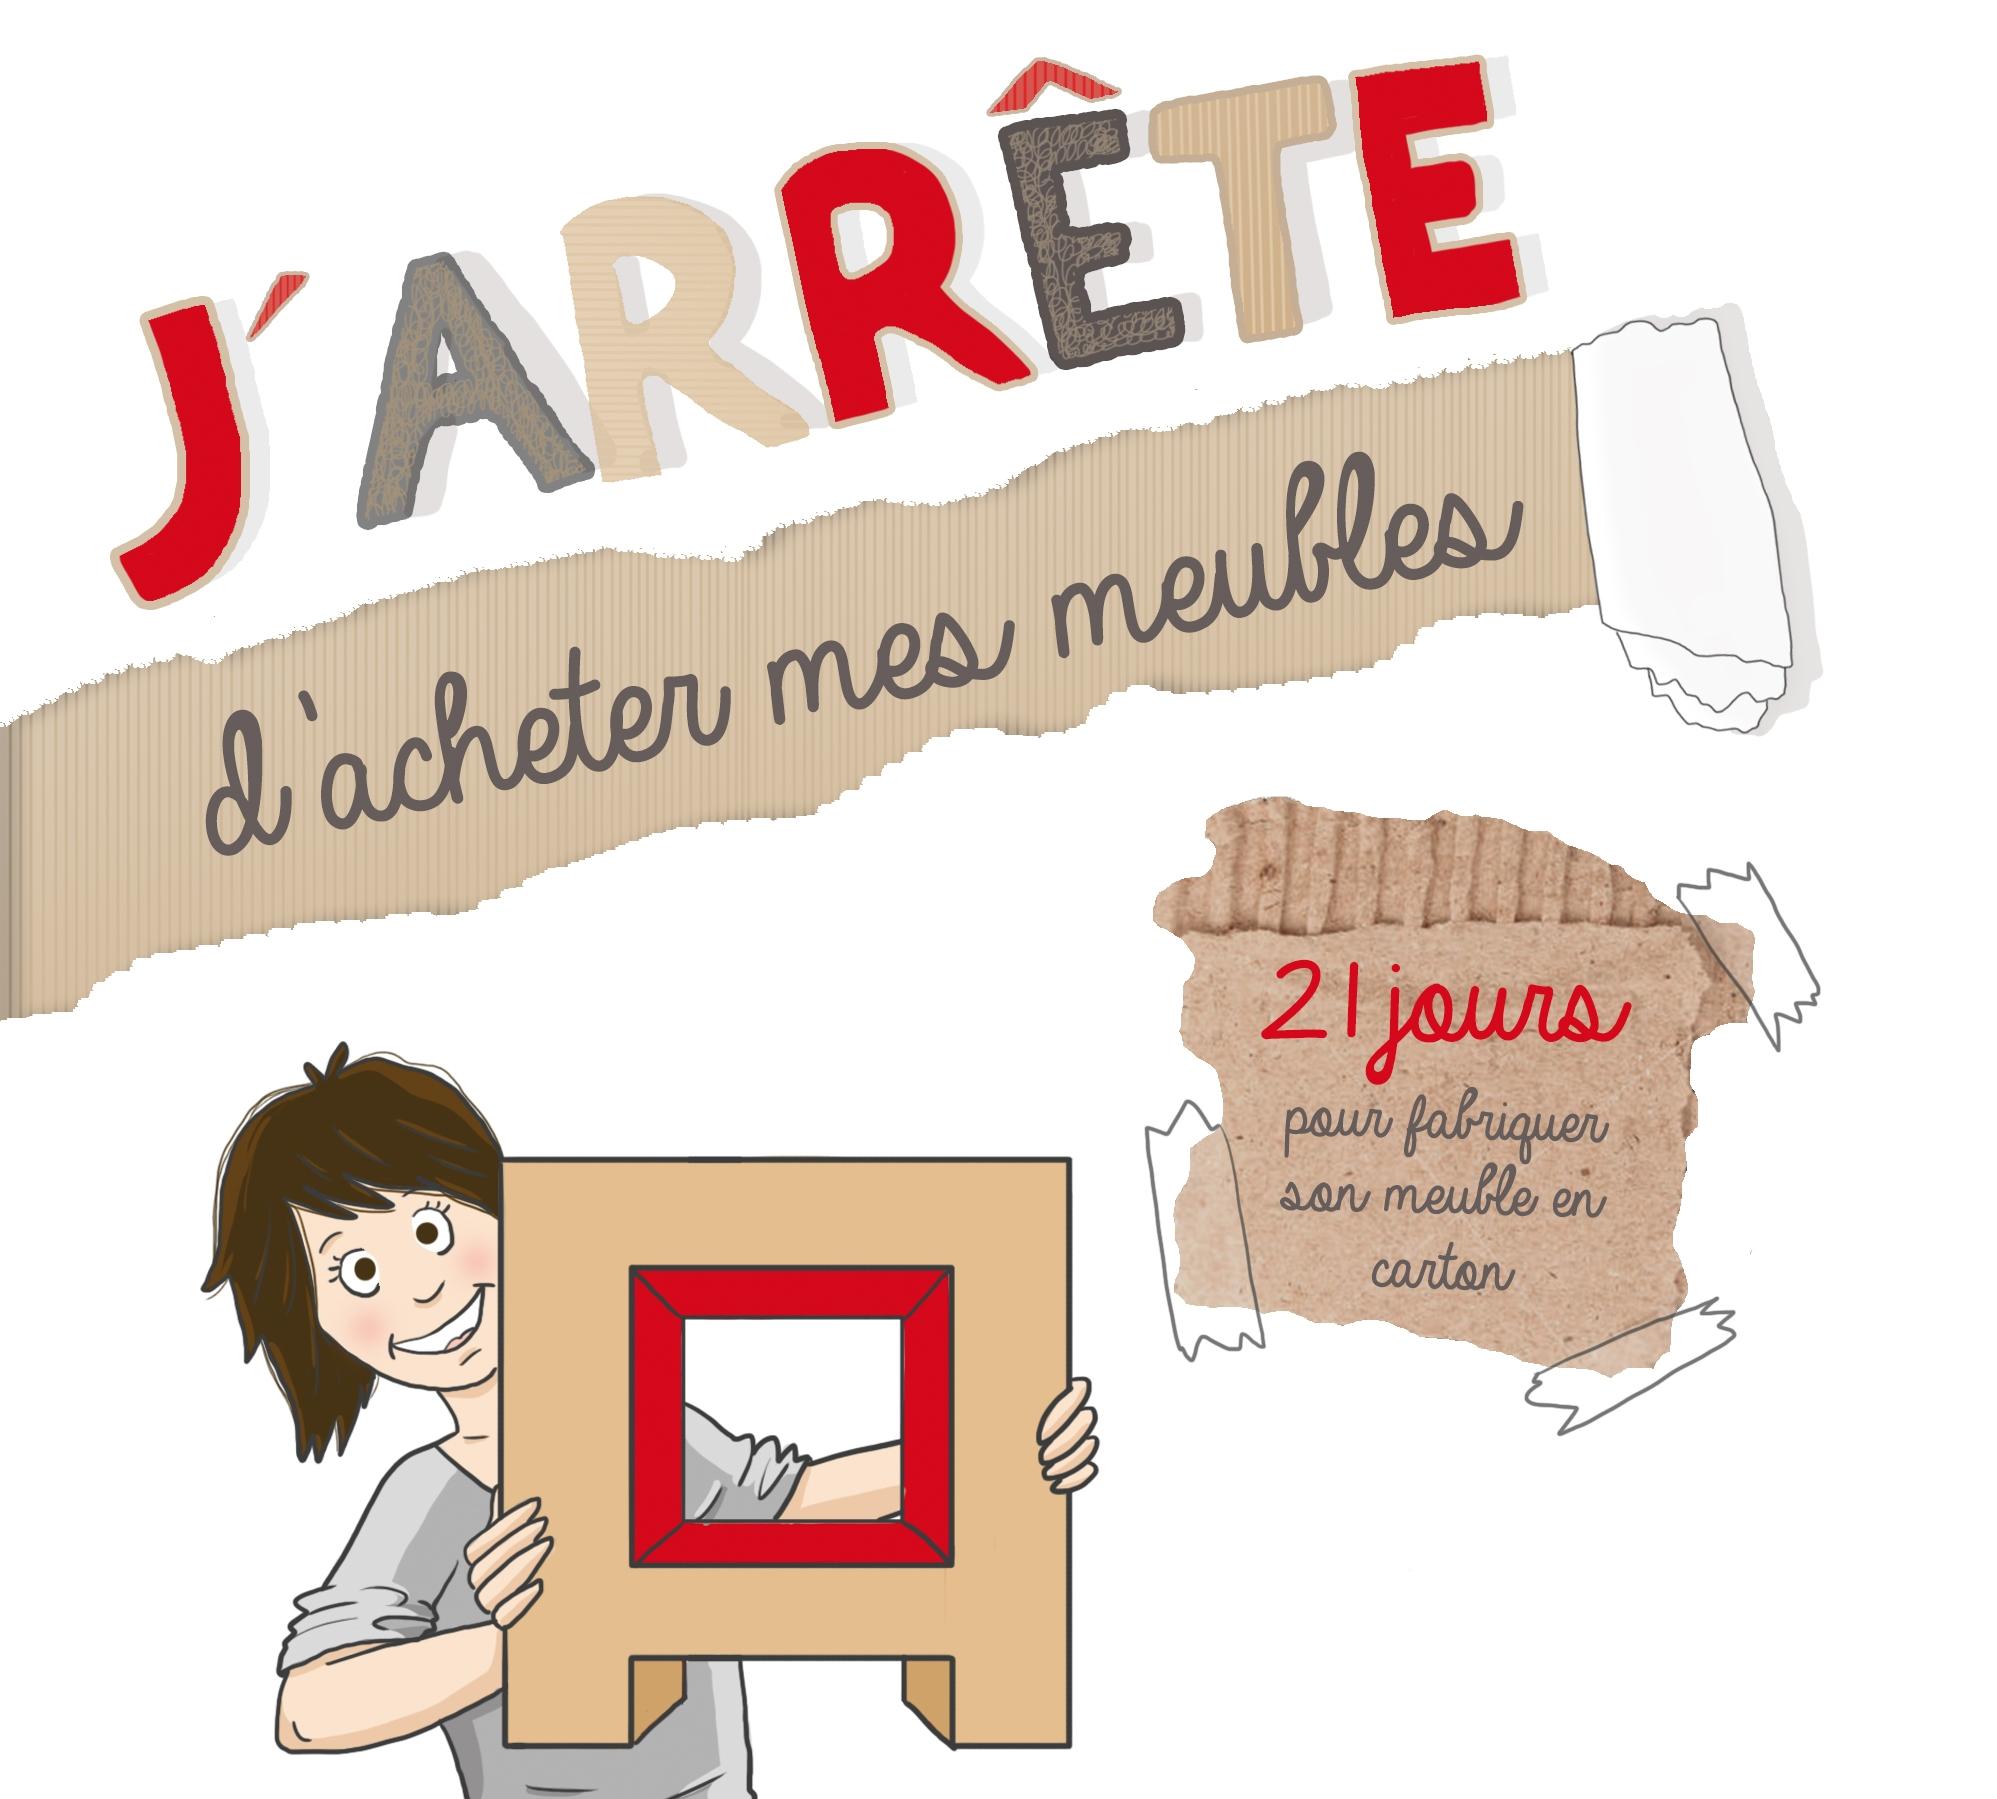 Image De Meuble En Carton le livre: j'arrête d'acheter mes meubles: 21 jours pour